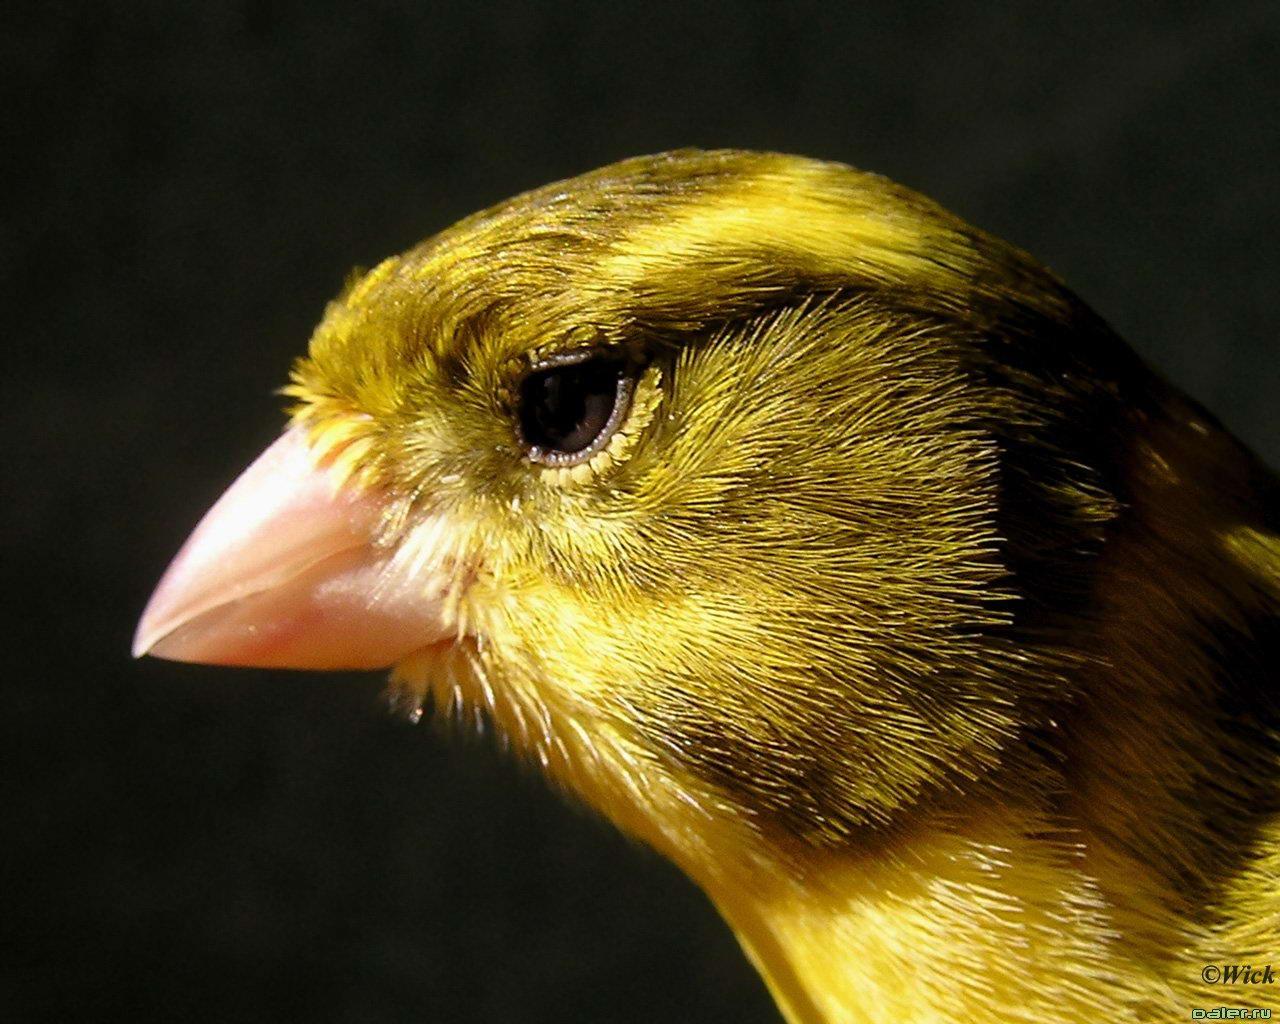 Птицы_Birds_Заставки_Фото_Zastavki.Biz качественные заставки с животными_Бо